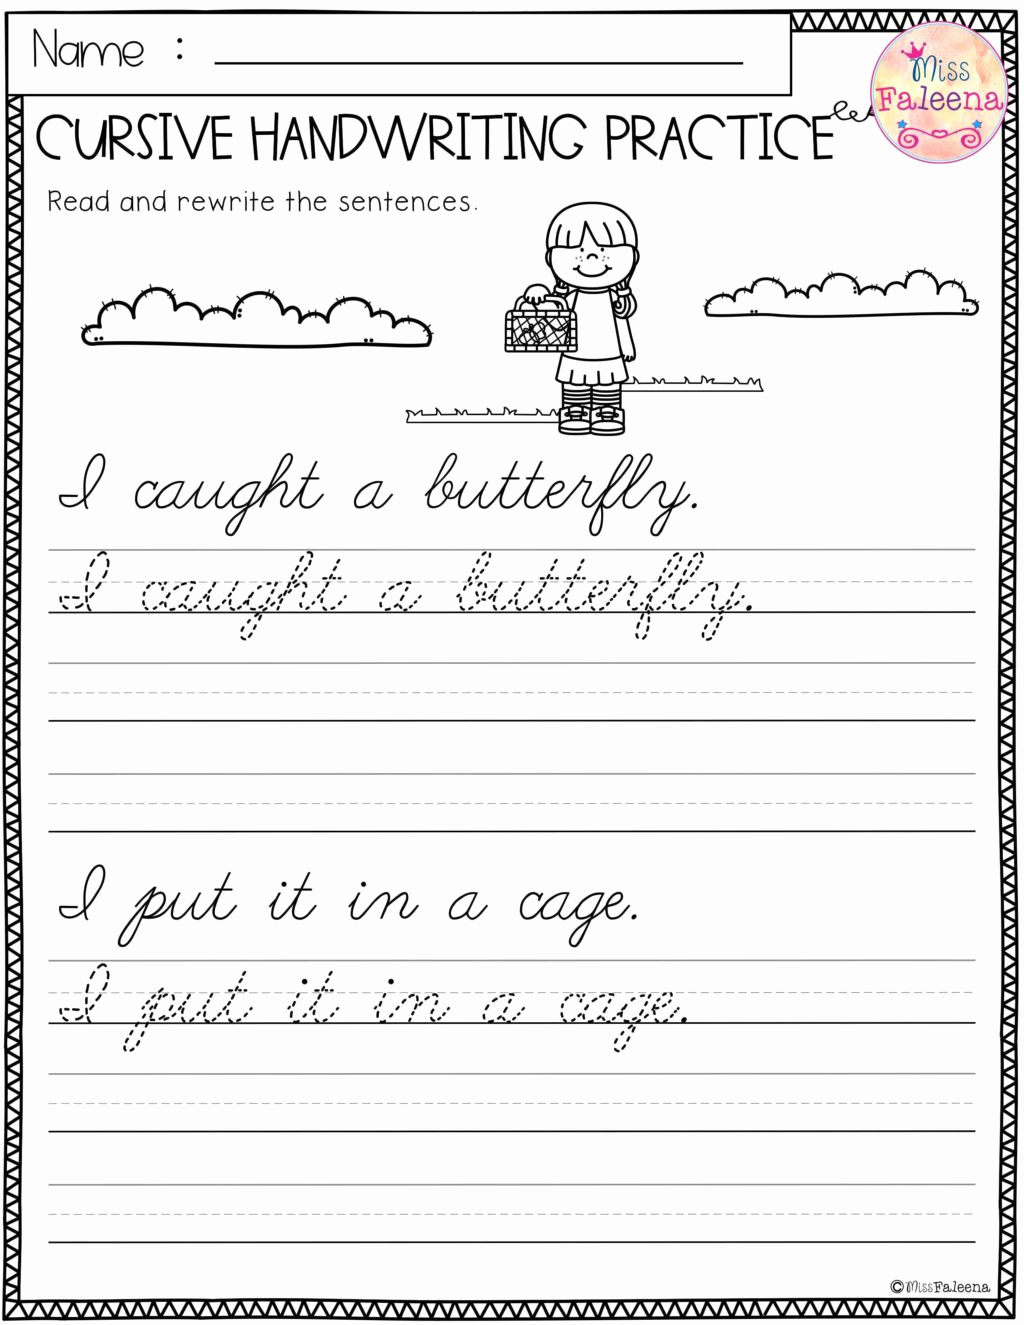 Free Paragraph Writing Worksheets Elegant Free Cursive Writing Paragraph Worksheets